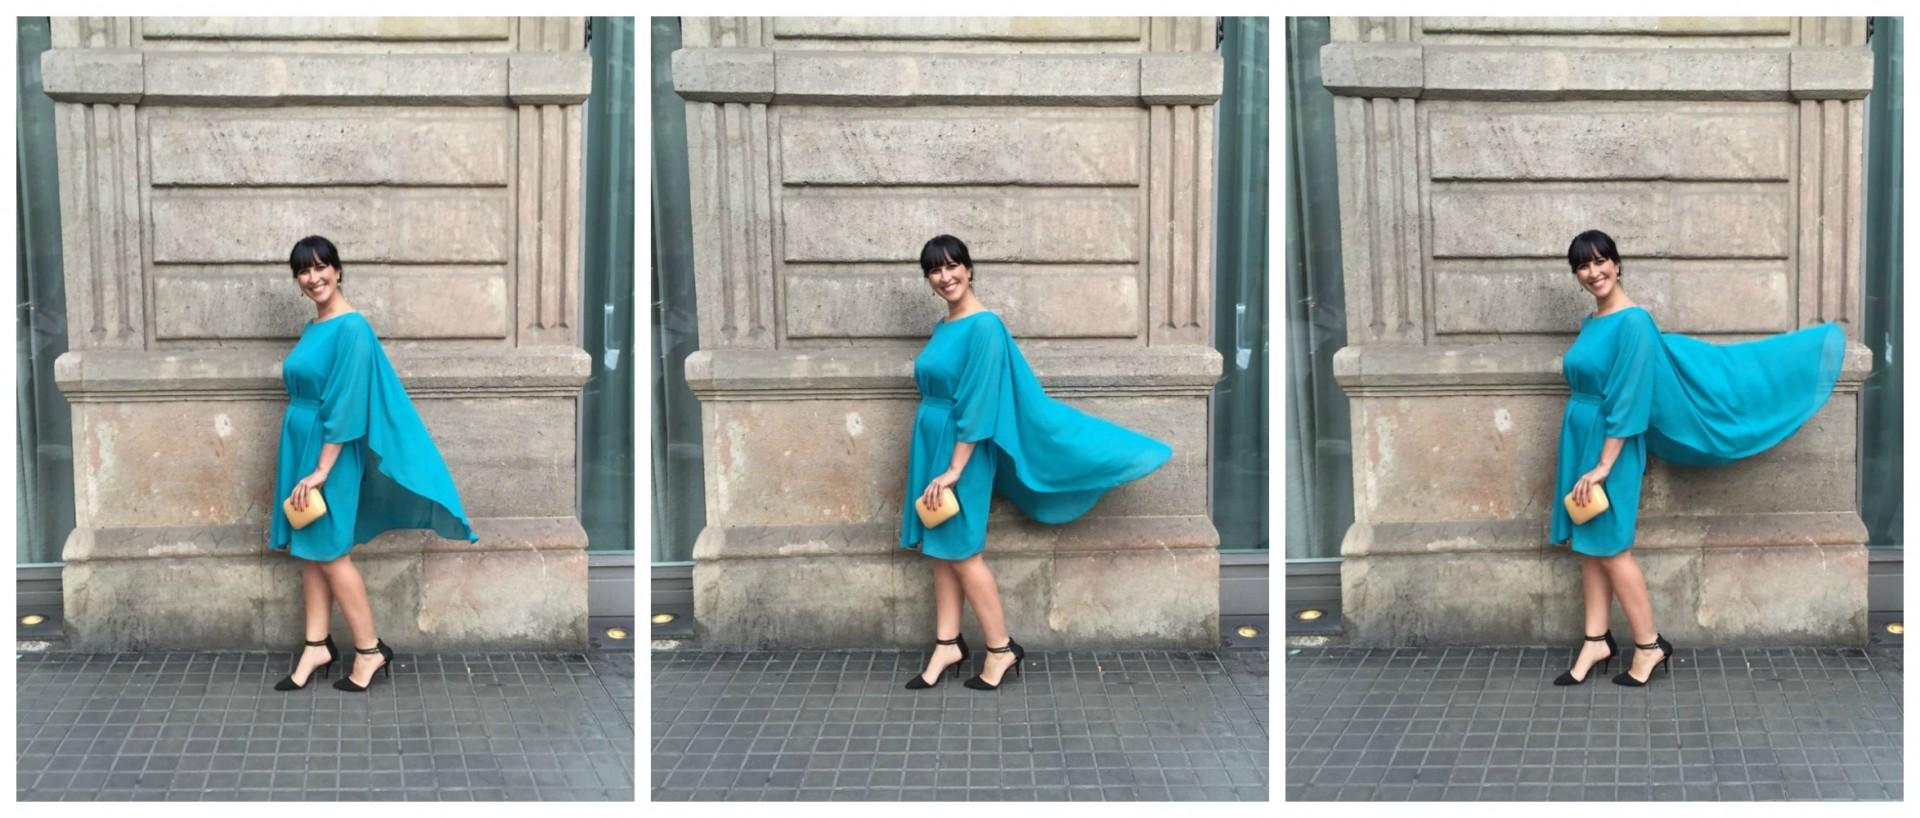 24fab vestido con capa